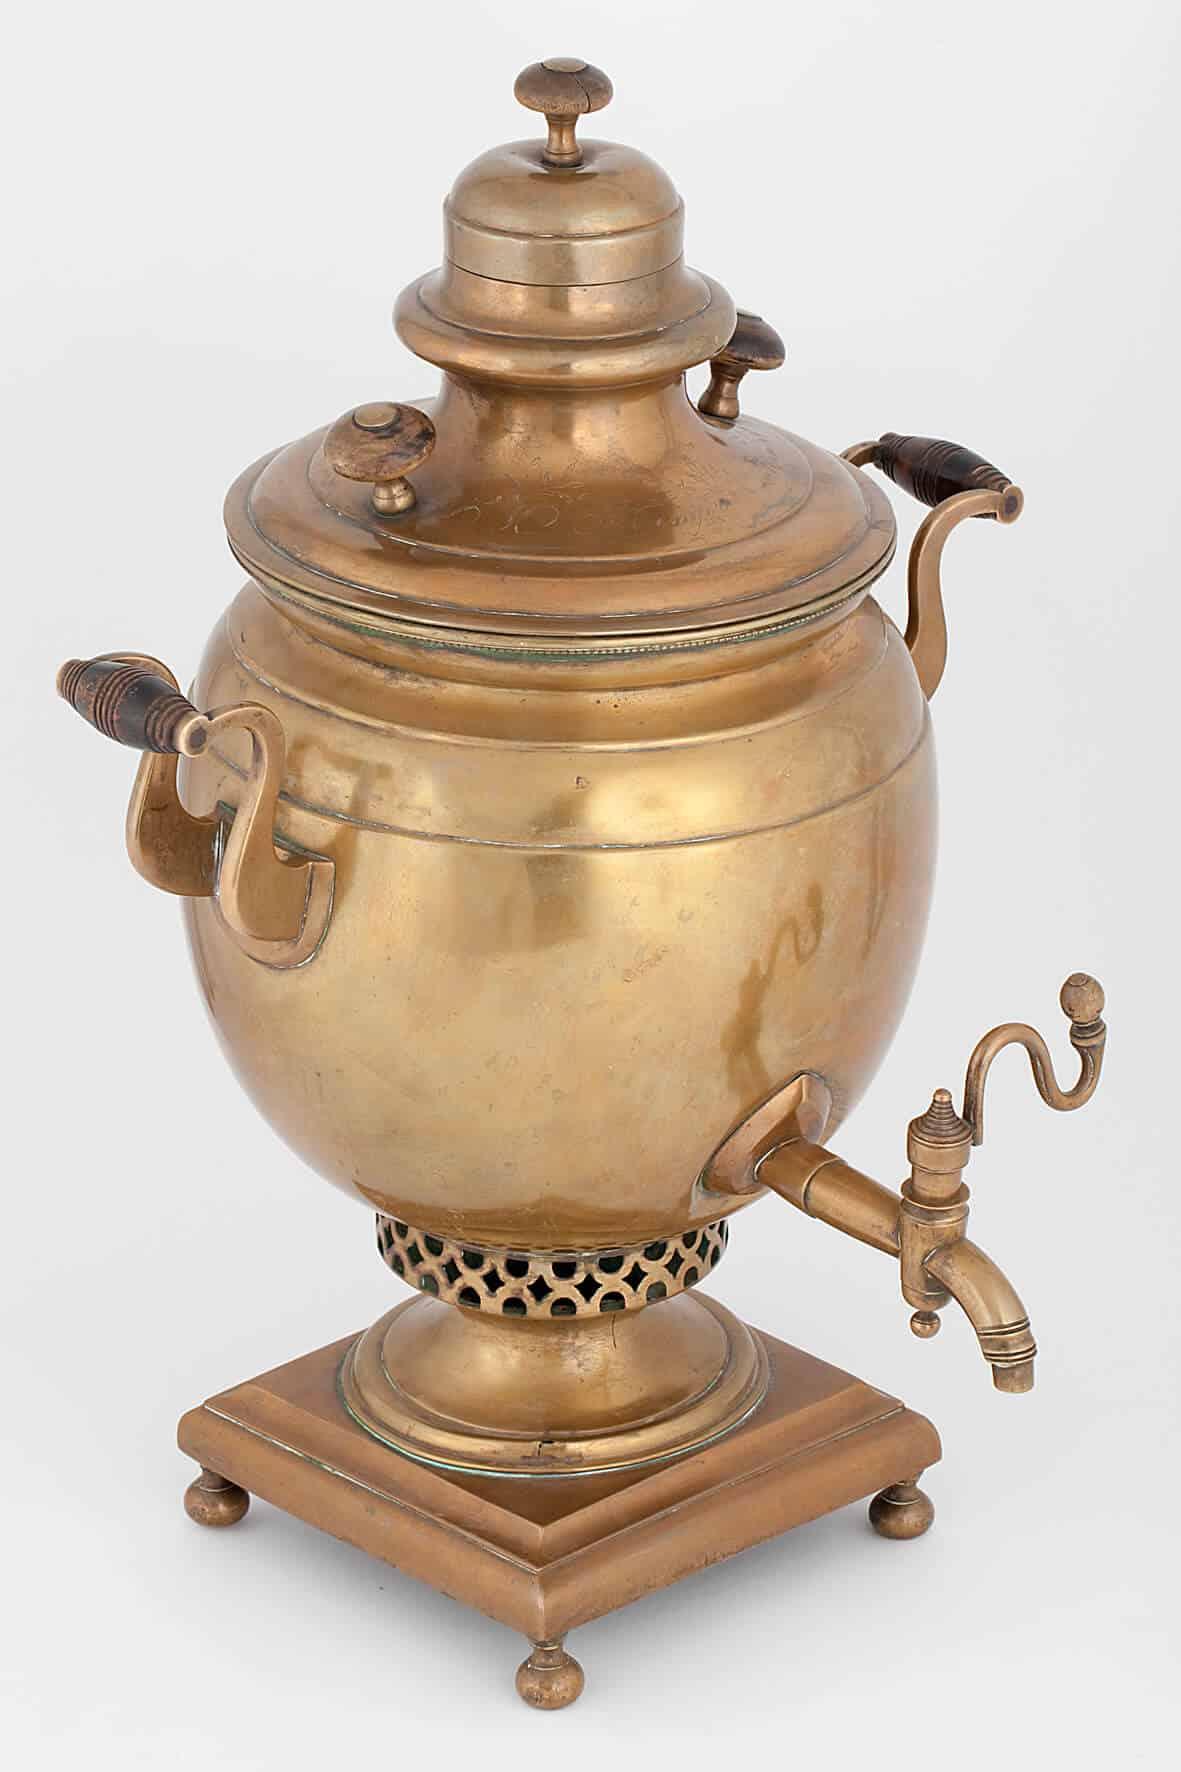 КБ 422 | Самовар яйцевидный с гравировко | Музей самоваров и бульоток